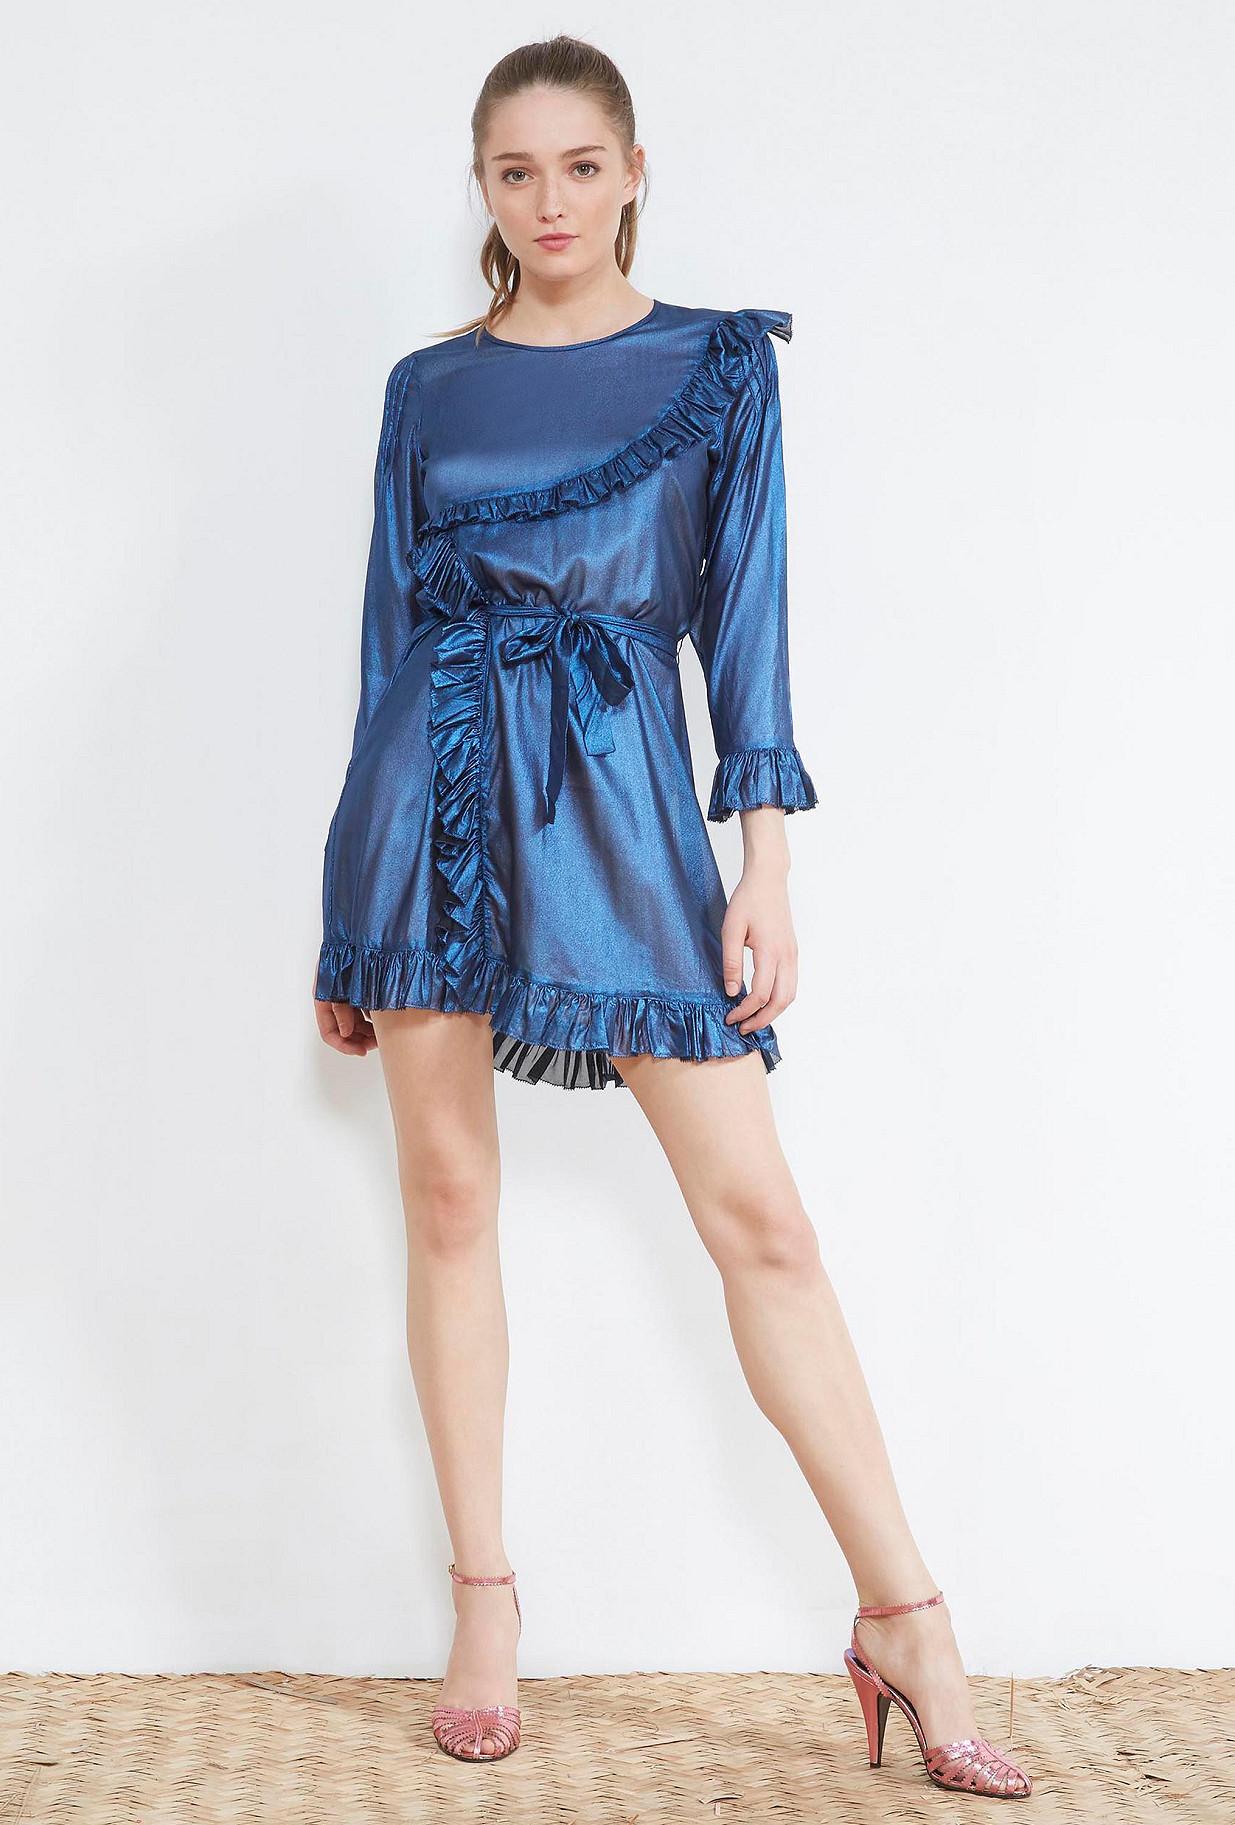 ROBE Bleu nuit  Stella mes demoiselles paris vêtement femme paris